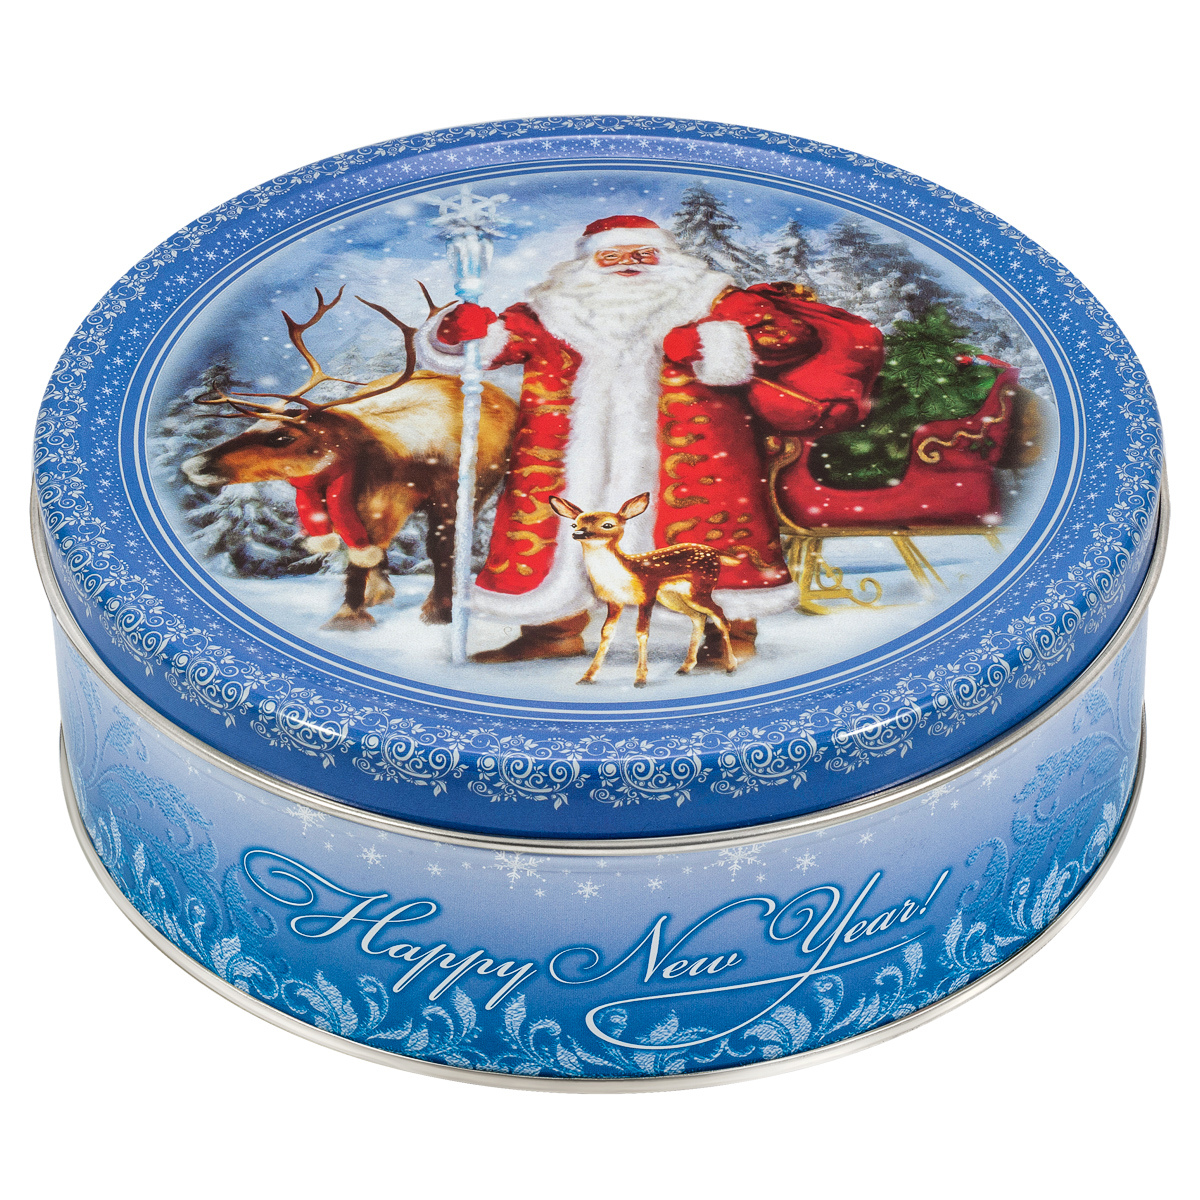 Сладкая Сказка Печенье Лесная сказка, 400 г пекур шабри печенье сдобное глазированное с ароматом шоколада 350 г